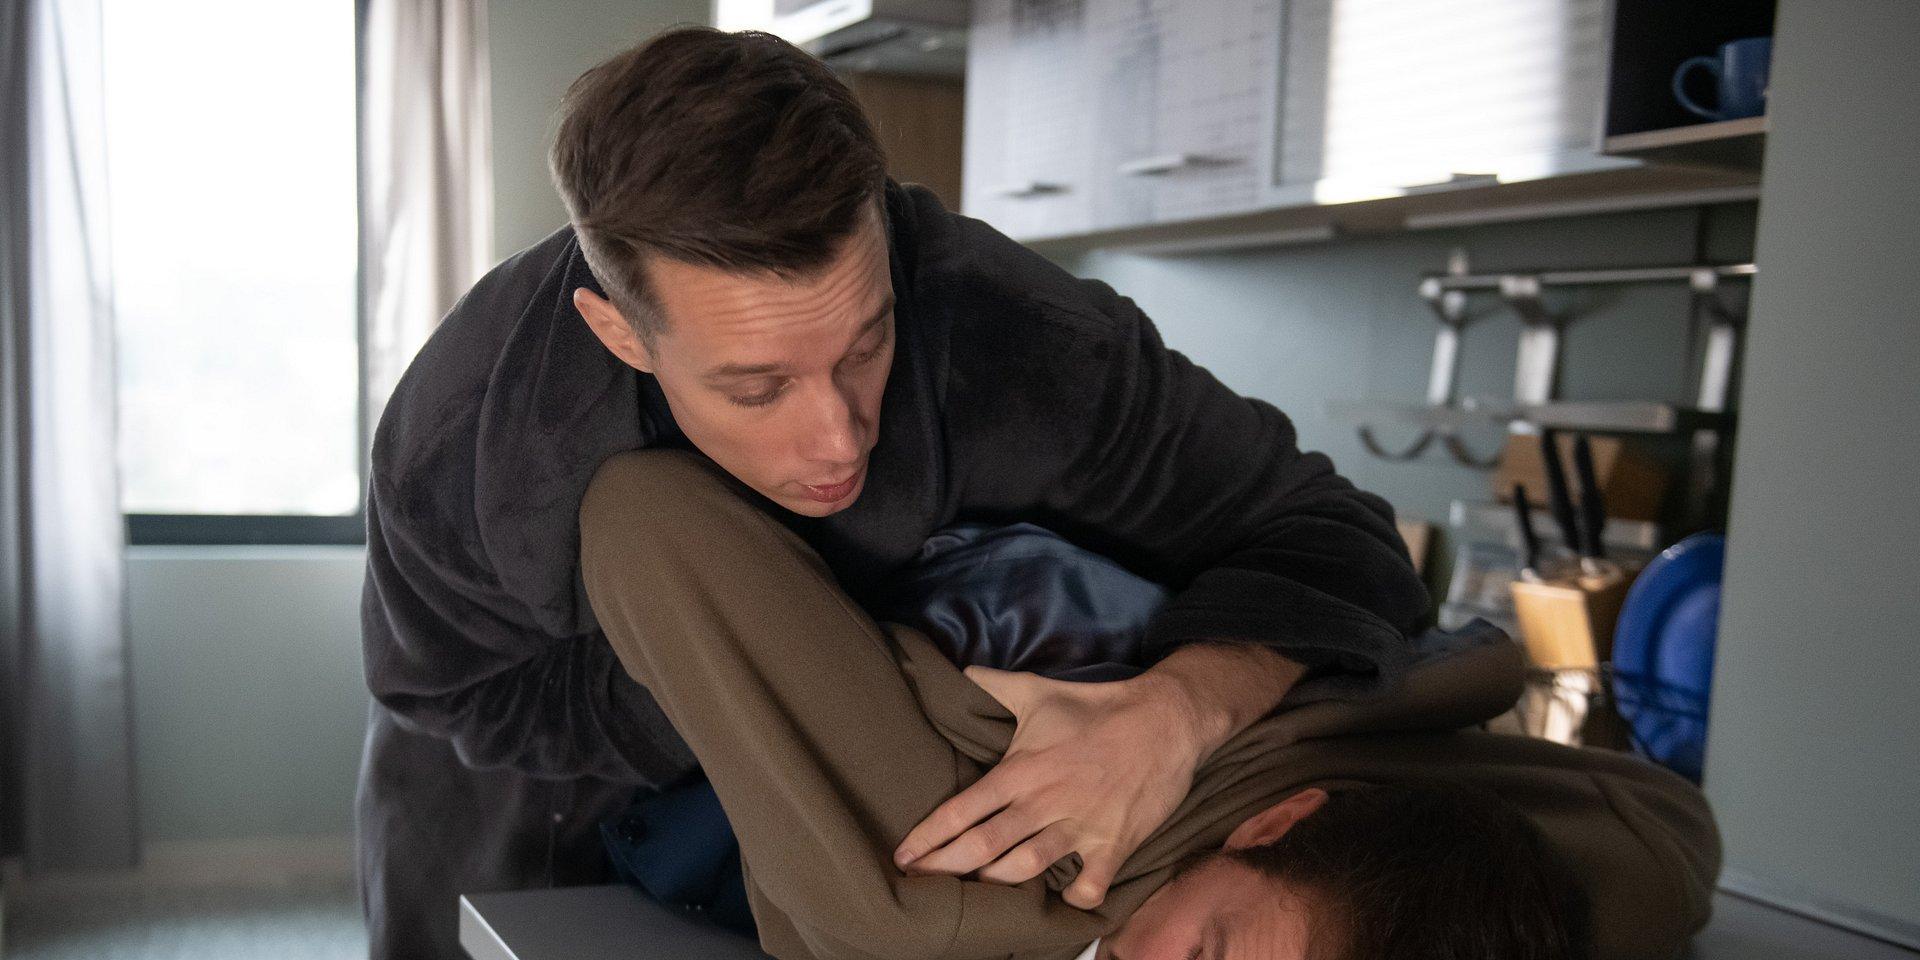 Na Wspólnej: Darek w szoku – zraniona Aneta zaczyna ostro kąsać!